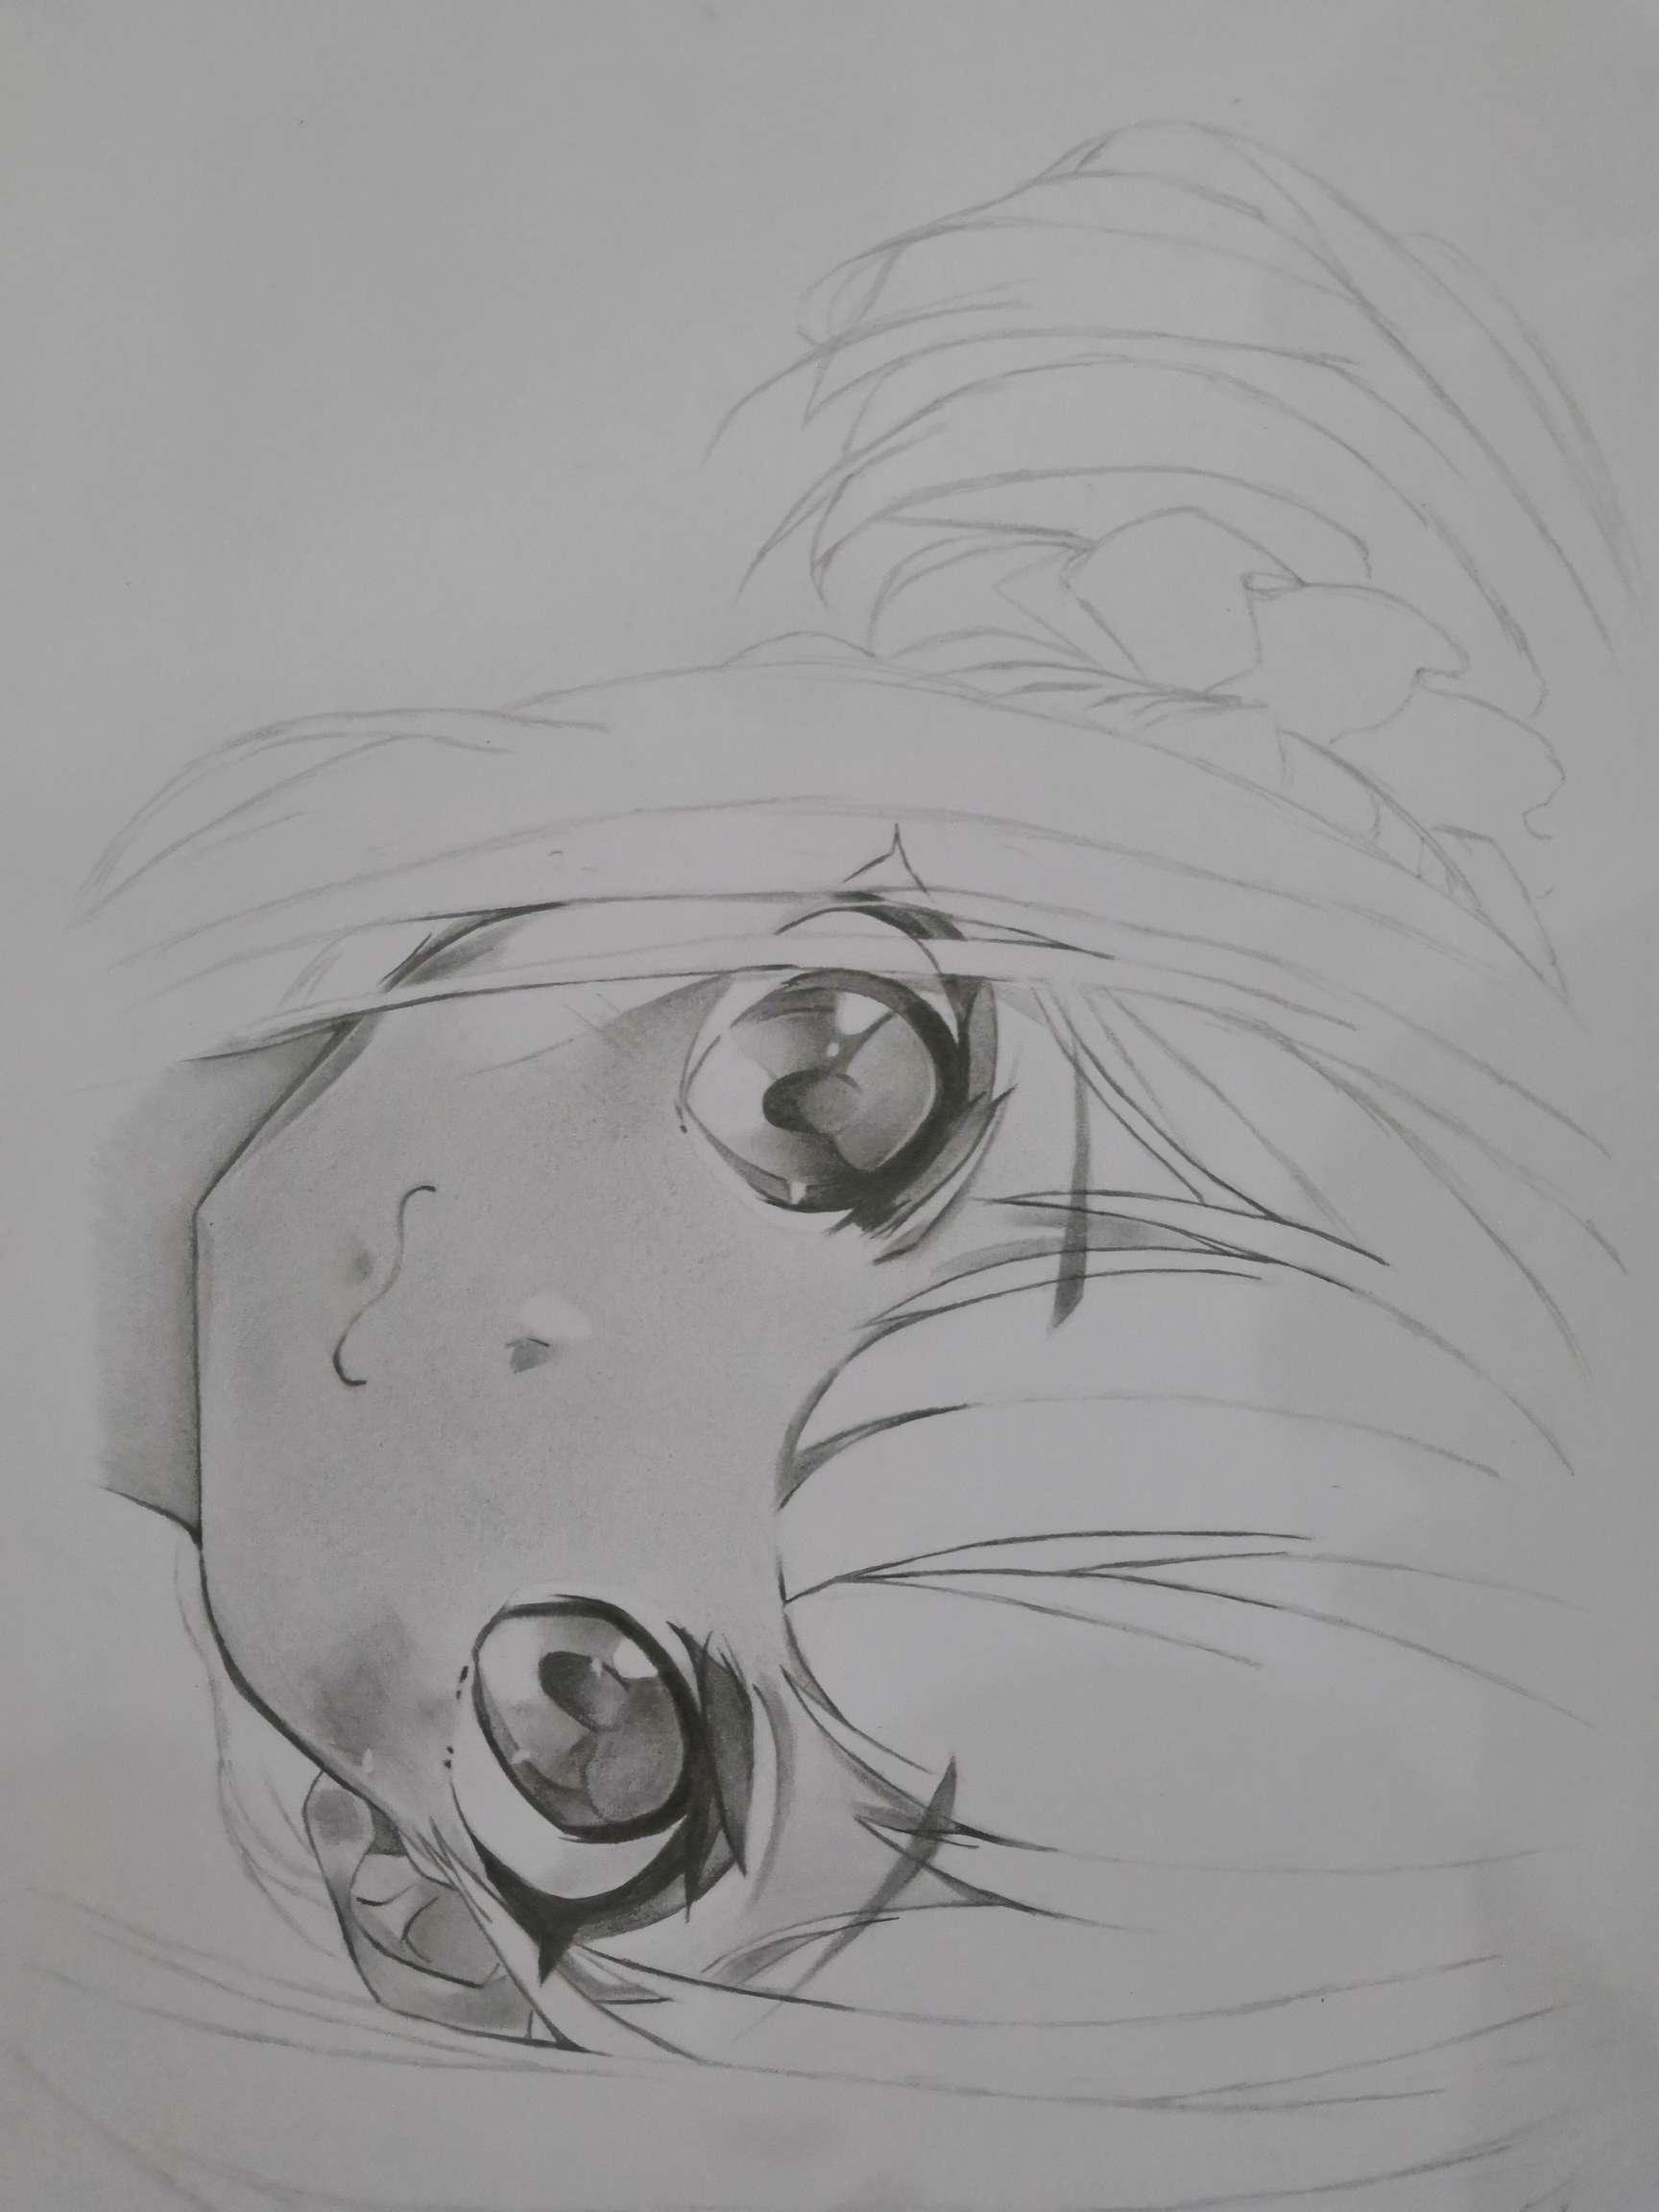 【手绘】眼睛练习,至于成品就看缘分了😂